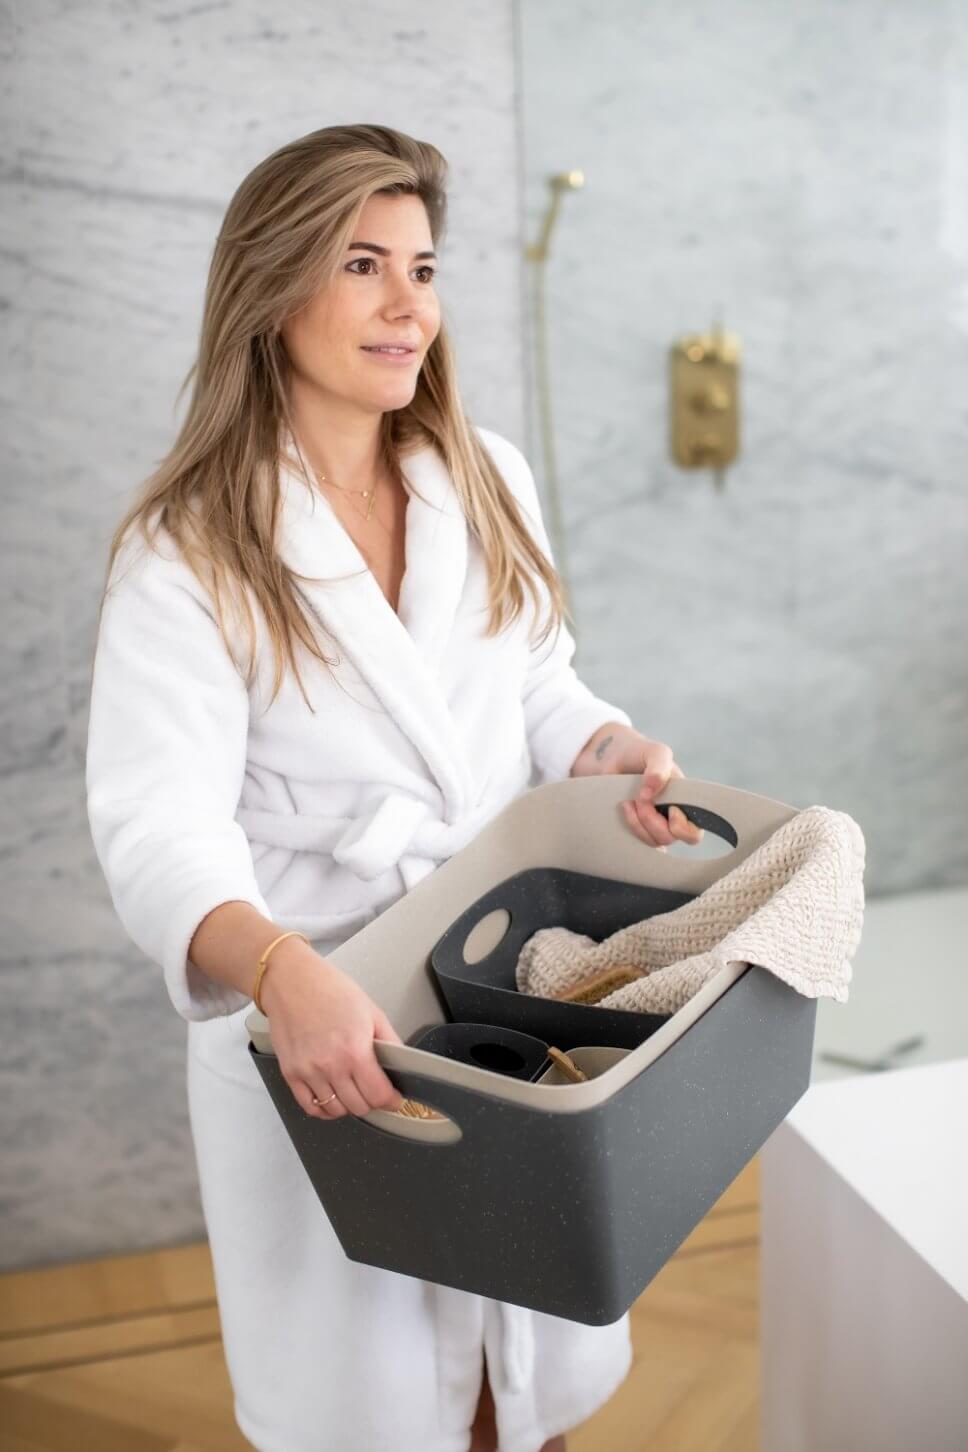 Frau im Bademantel trägt Körbe mit Handtüchern und Bürsten durch modernes Badezimmer